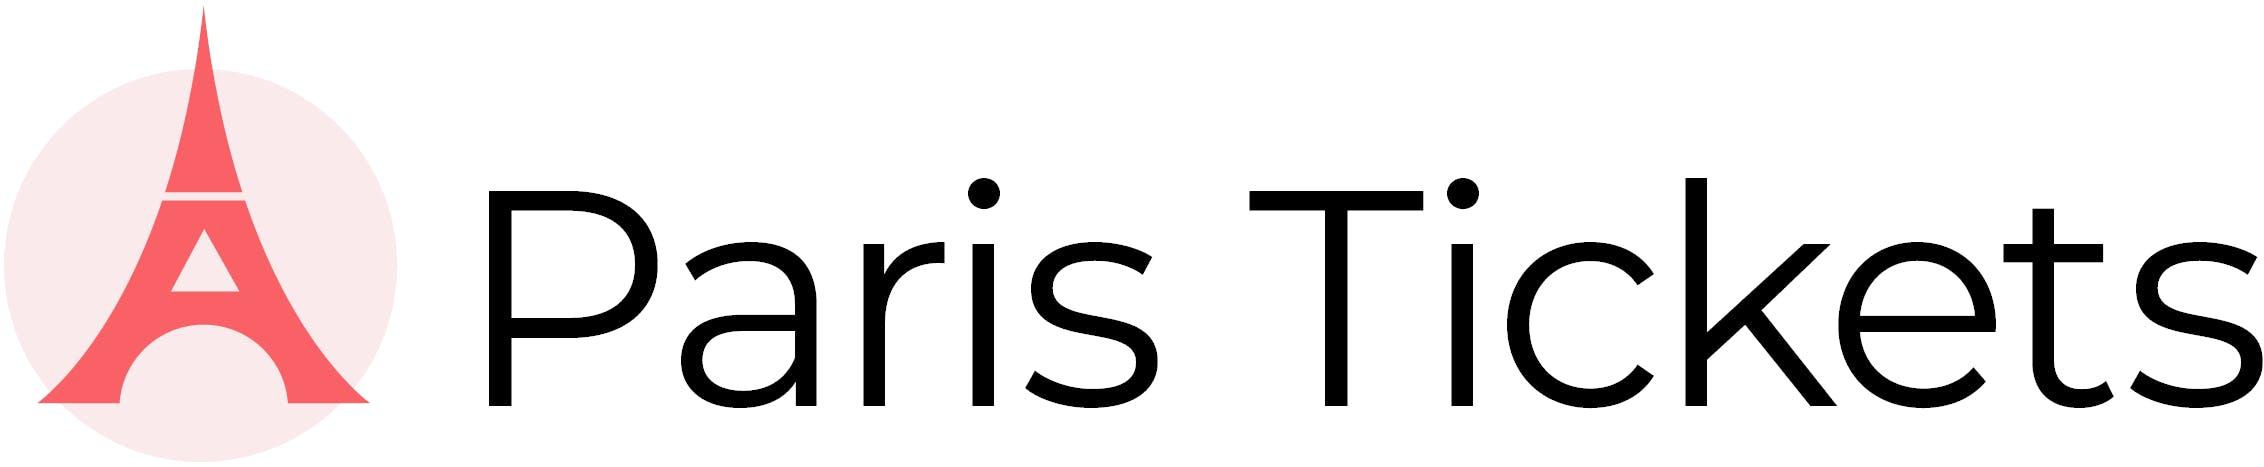 Paris Tickets